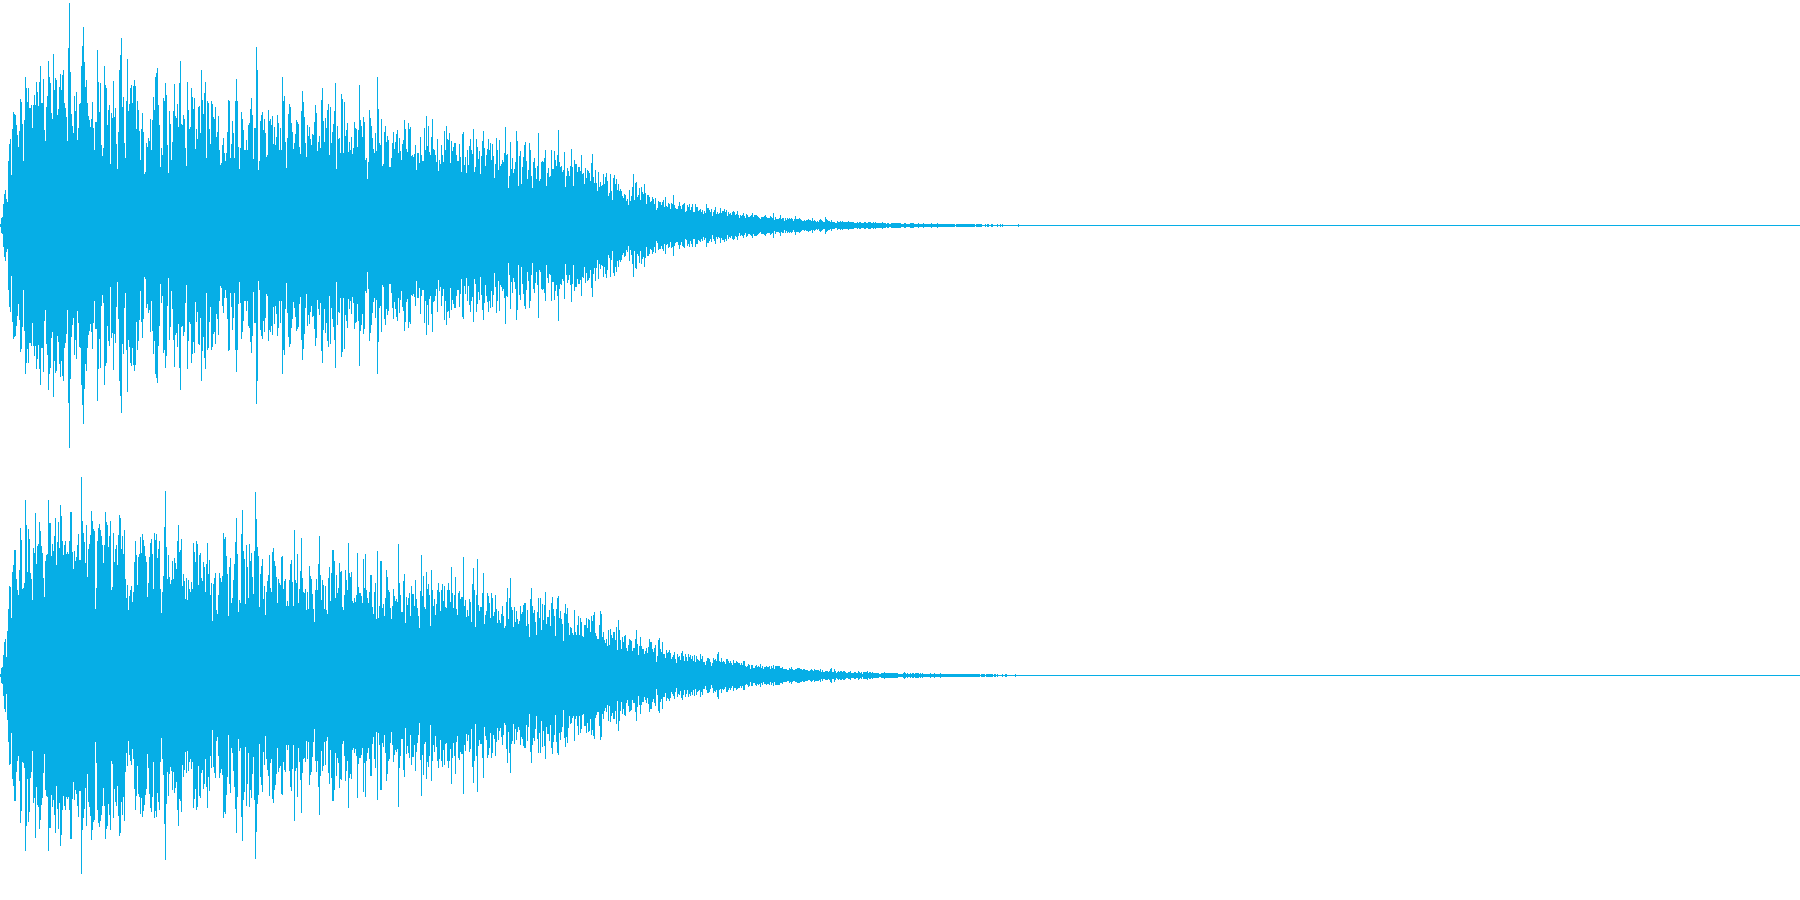 キュイン ボタン ピキーン キーン 16の再生済みの波形